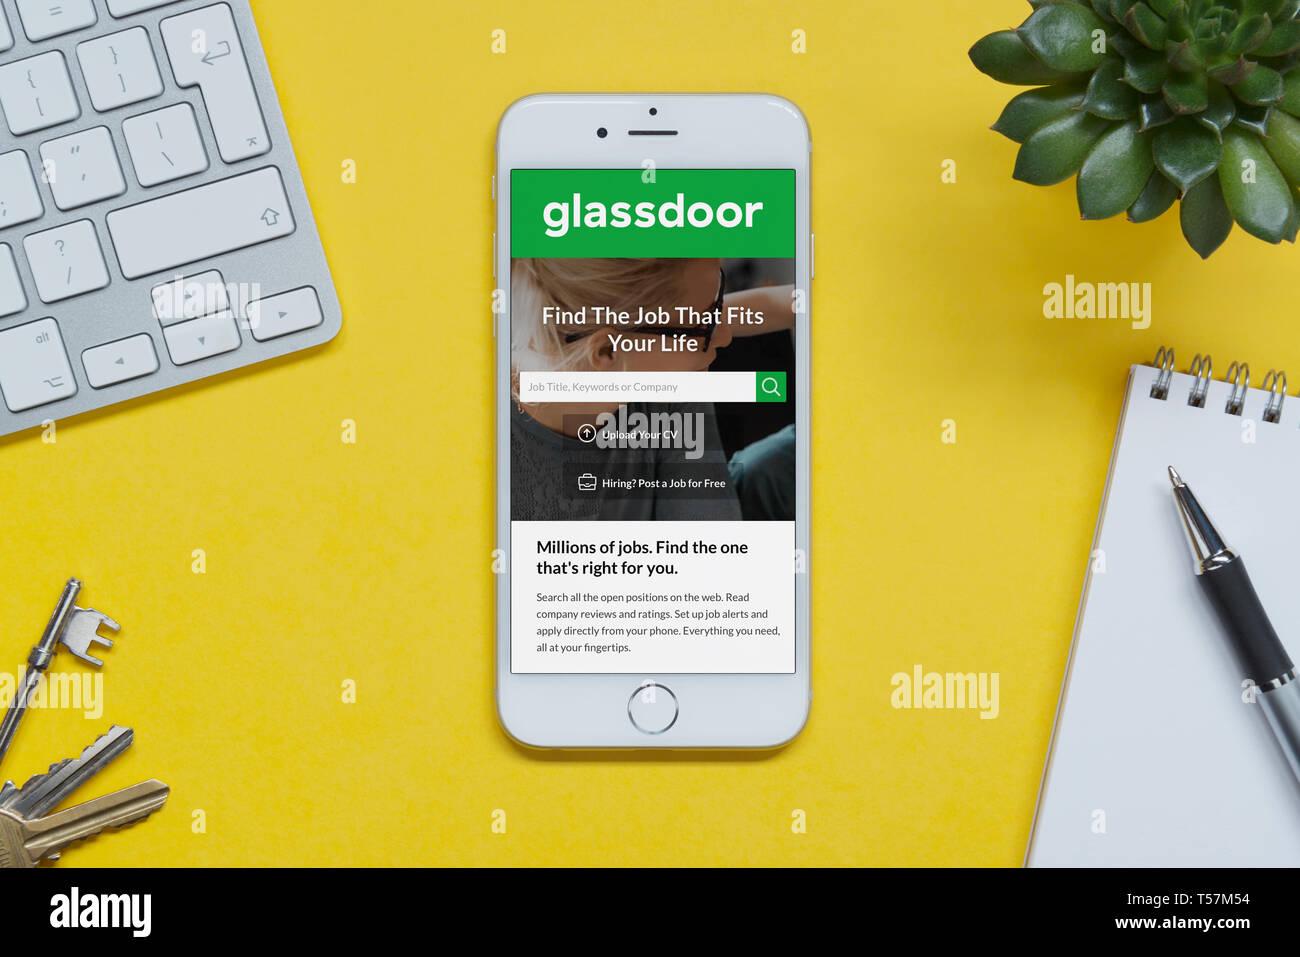 Mentor Graphics Glassdoor